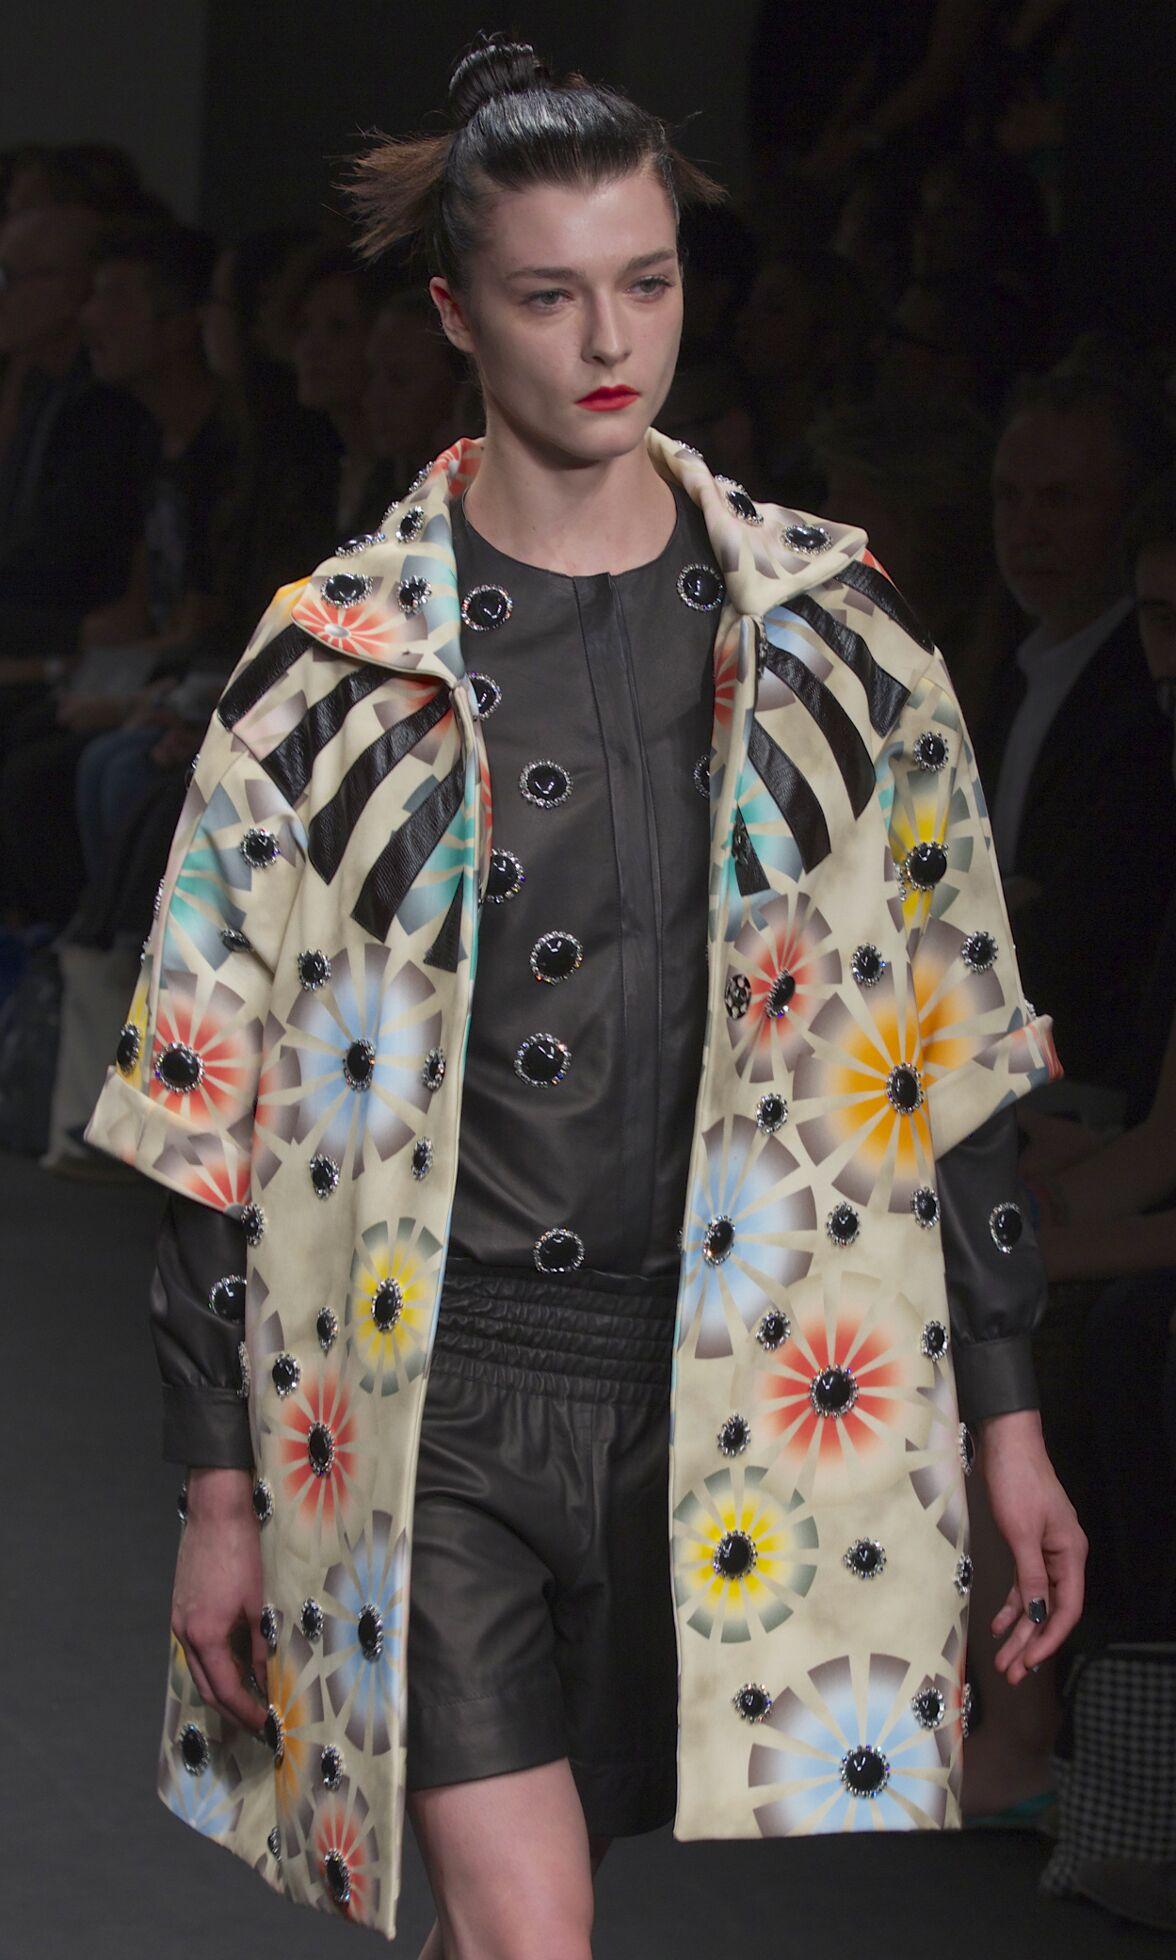 Jo No Fui Milano Fashion Week